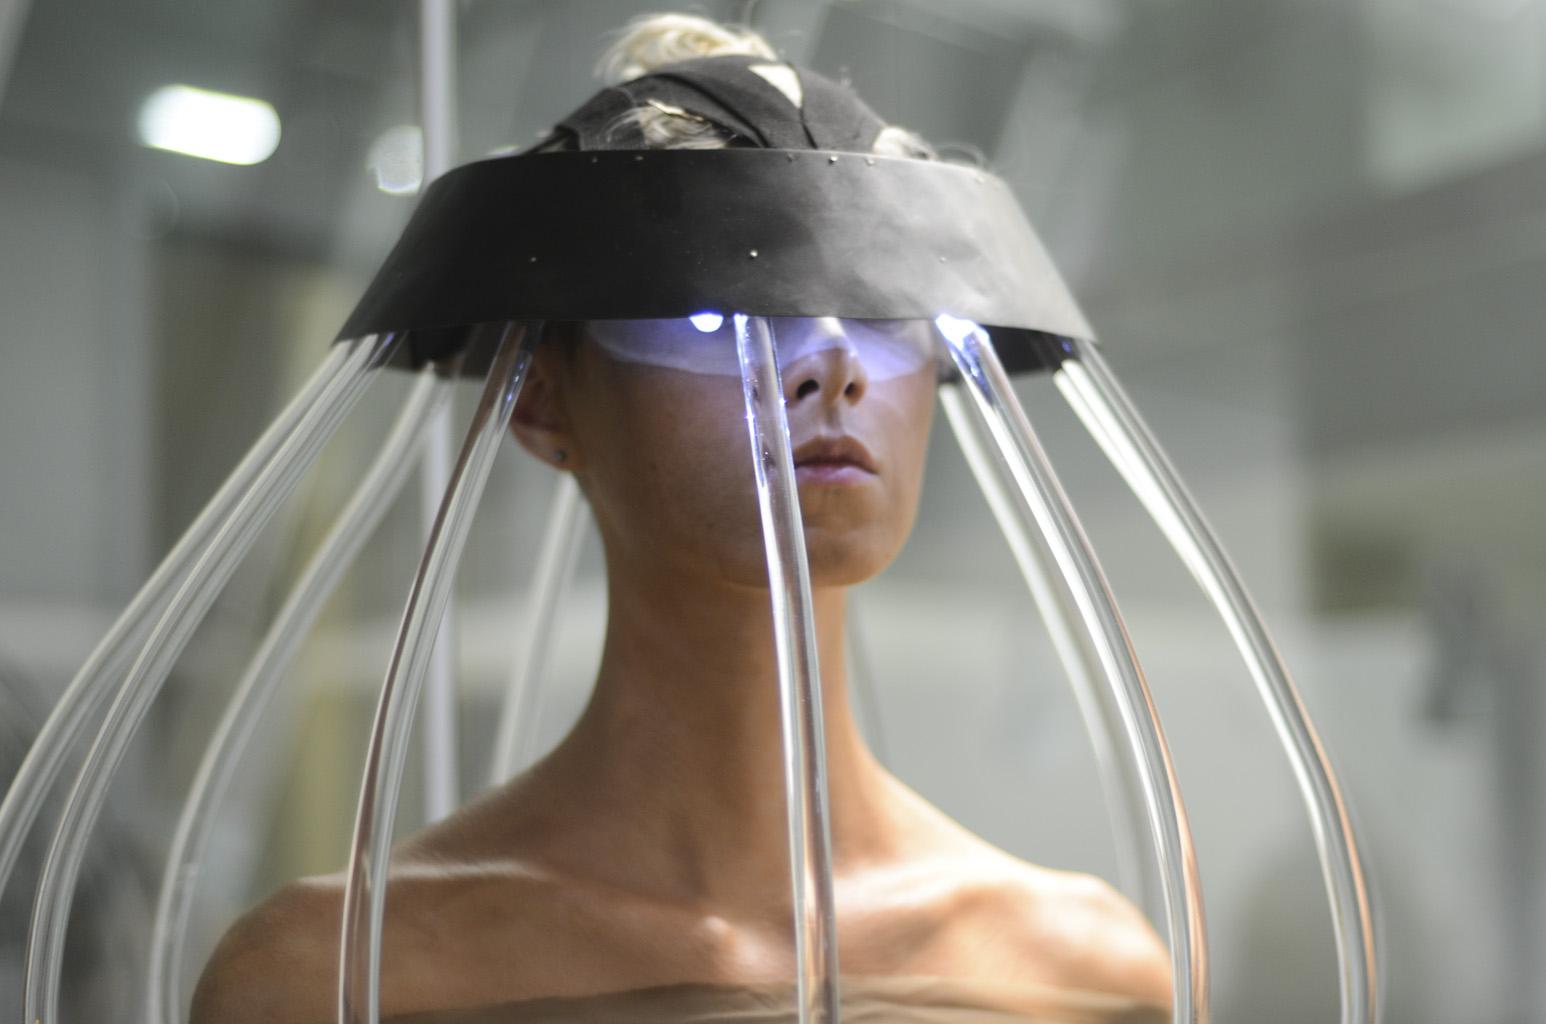 headdetail.JPG